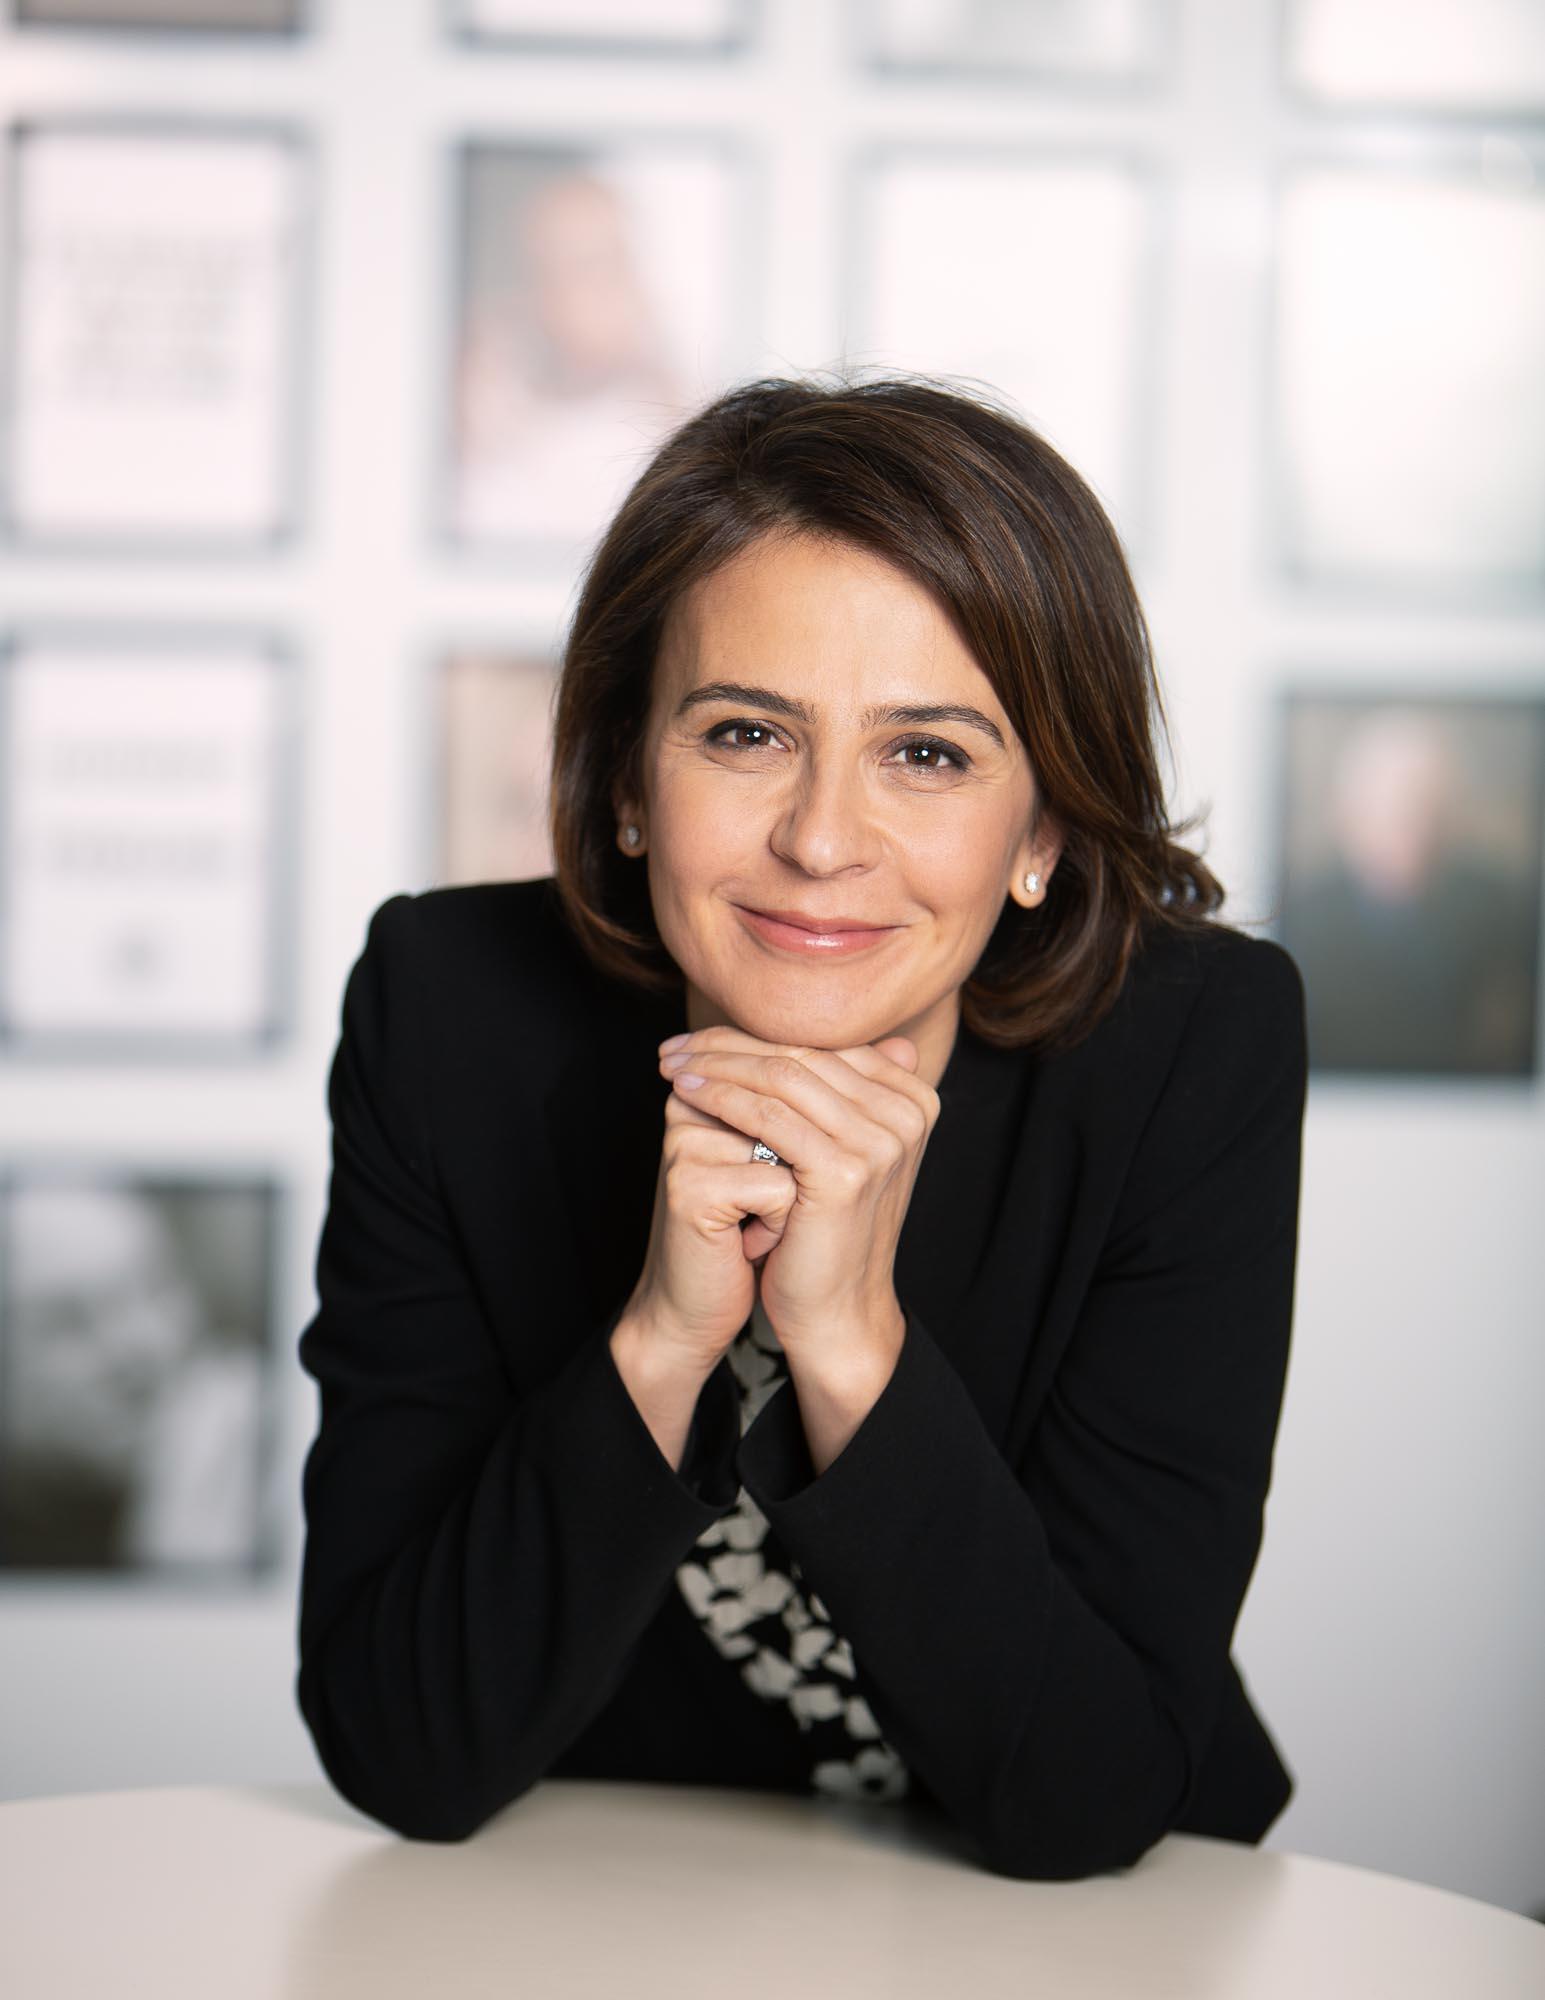 Portraits de dirigeants yscorporate0001 Photographe Paris